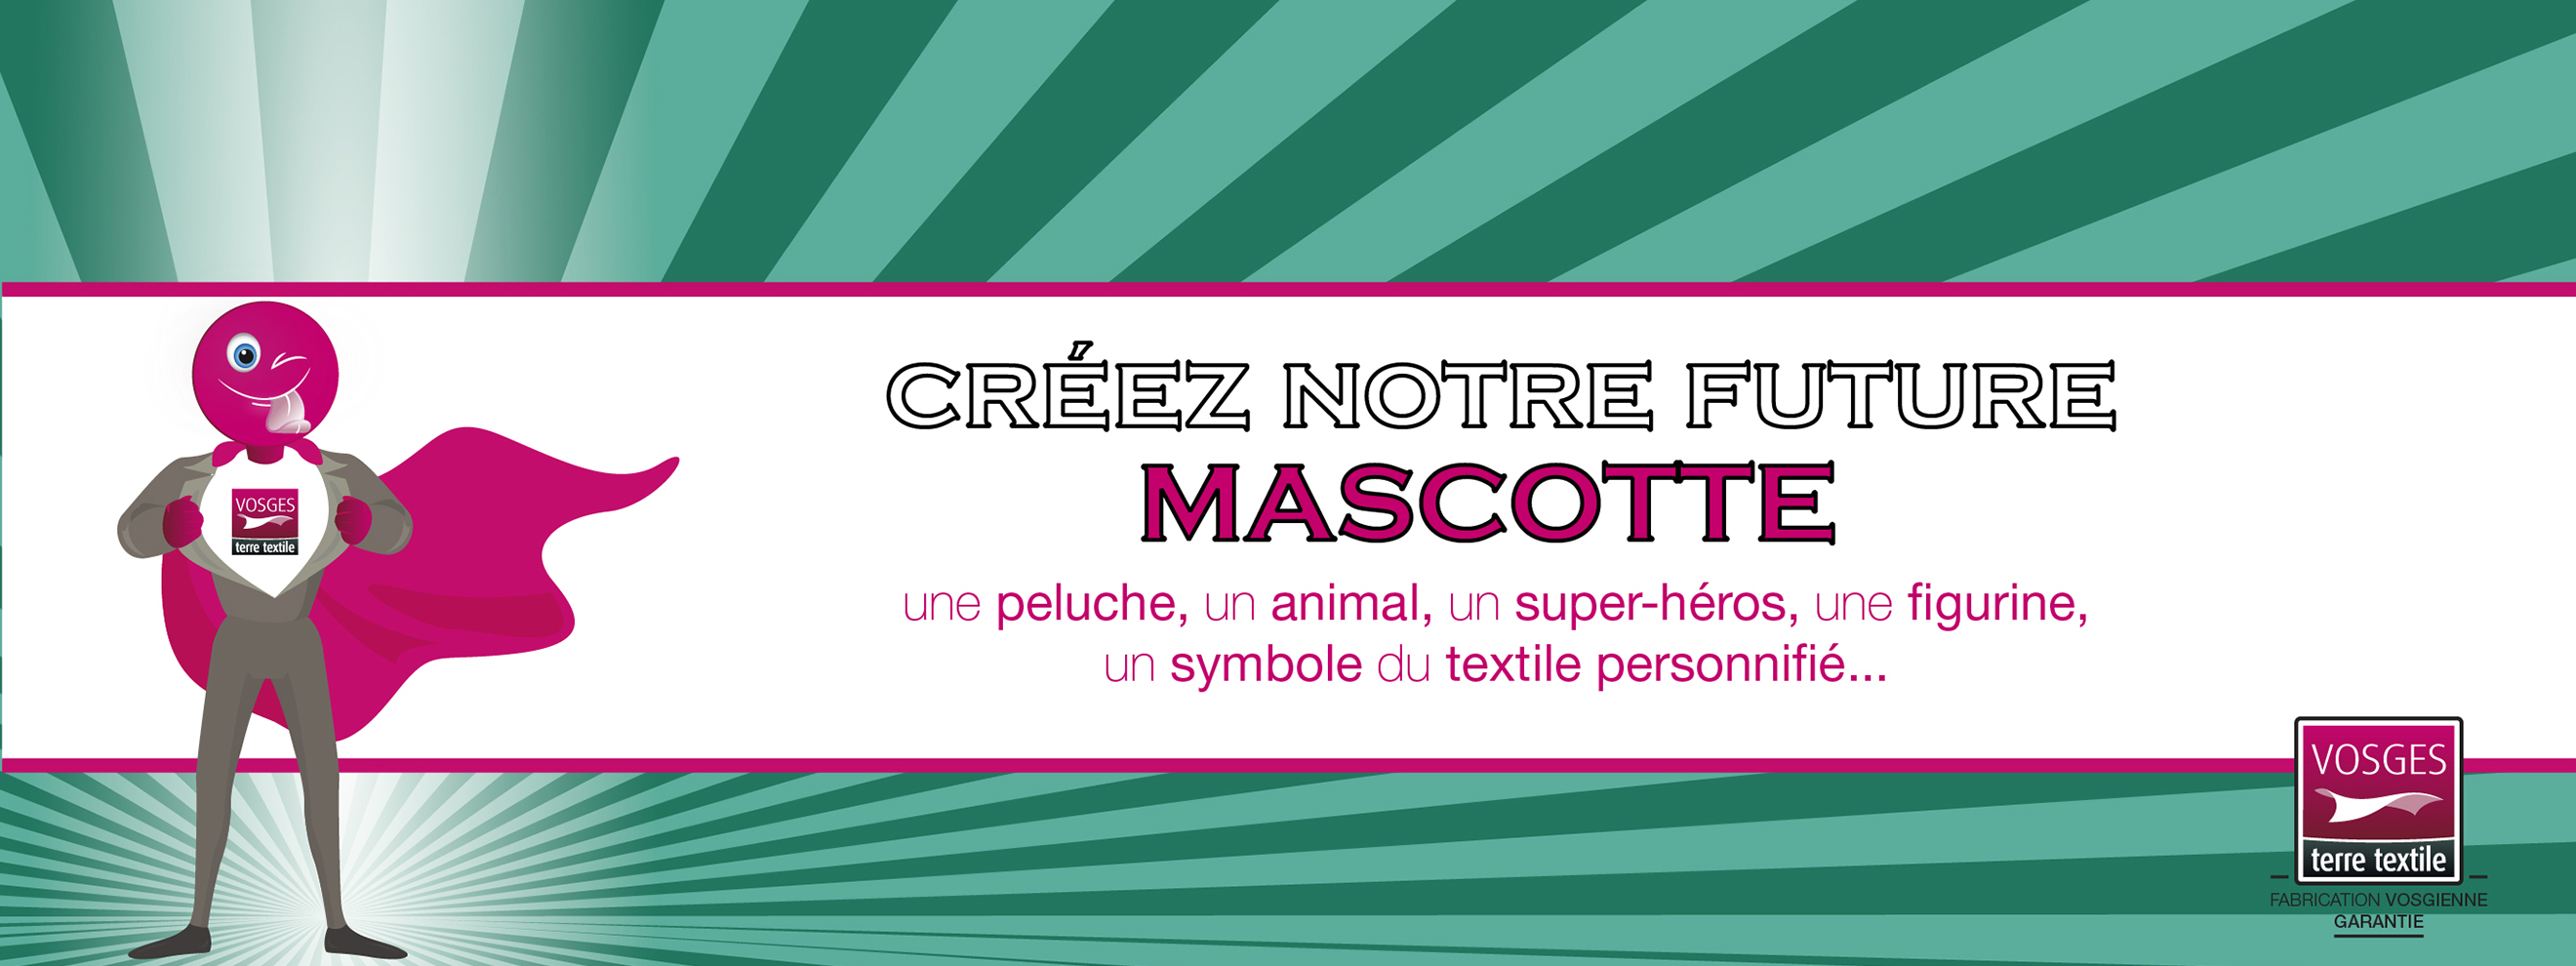 Créez la mascotte officielle du label Vosges terre textile